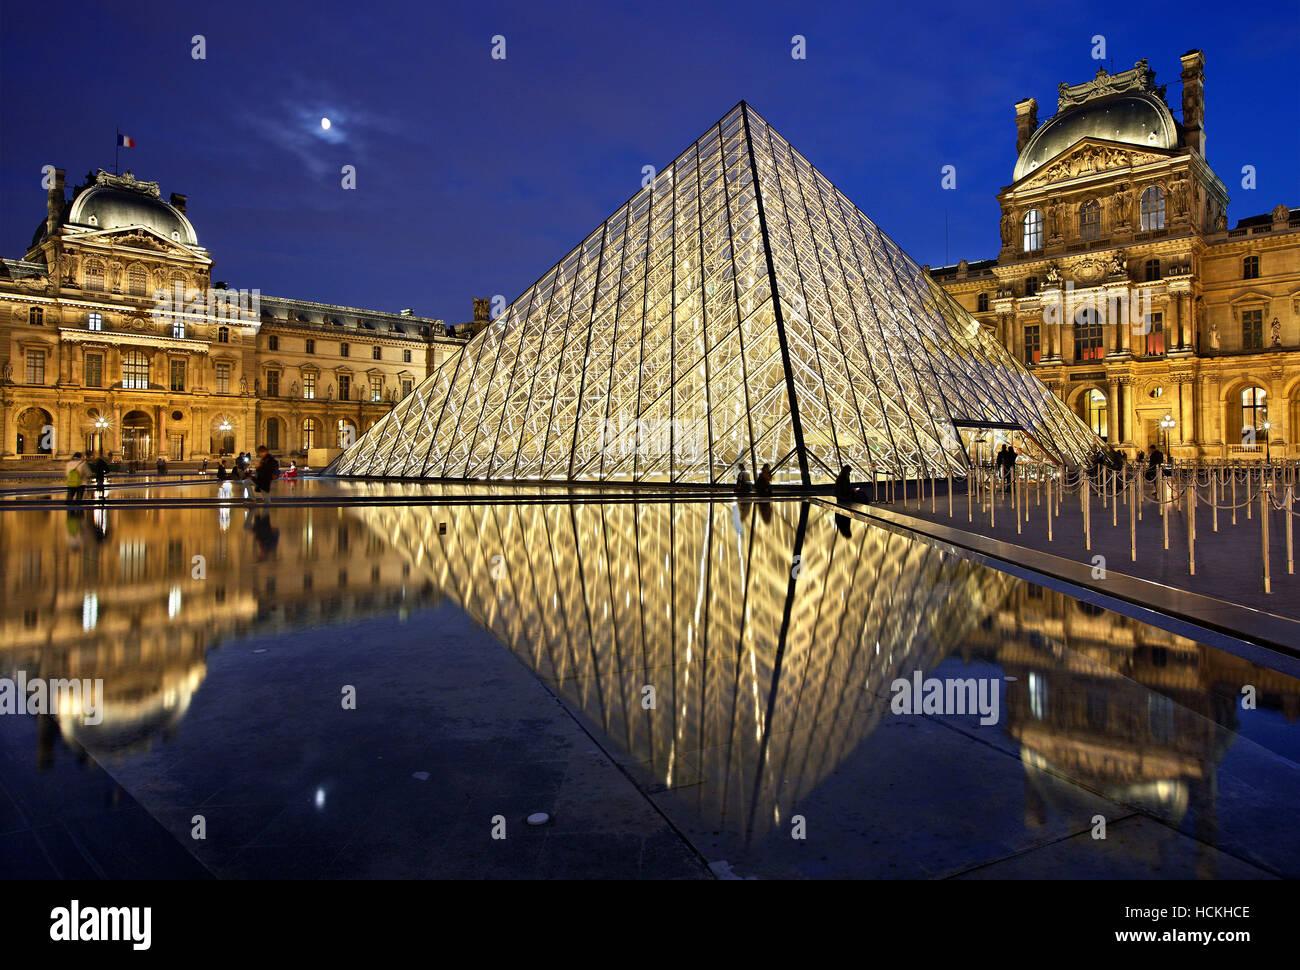 La pirámide de cristal (arquitecto: I.M. Pei) del museo del Louvre (Musée du Louvre), París, Francia. Foto de stock